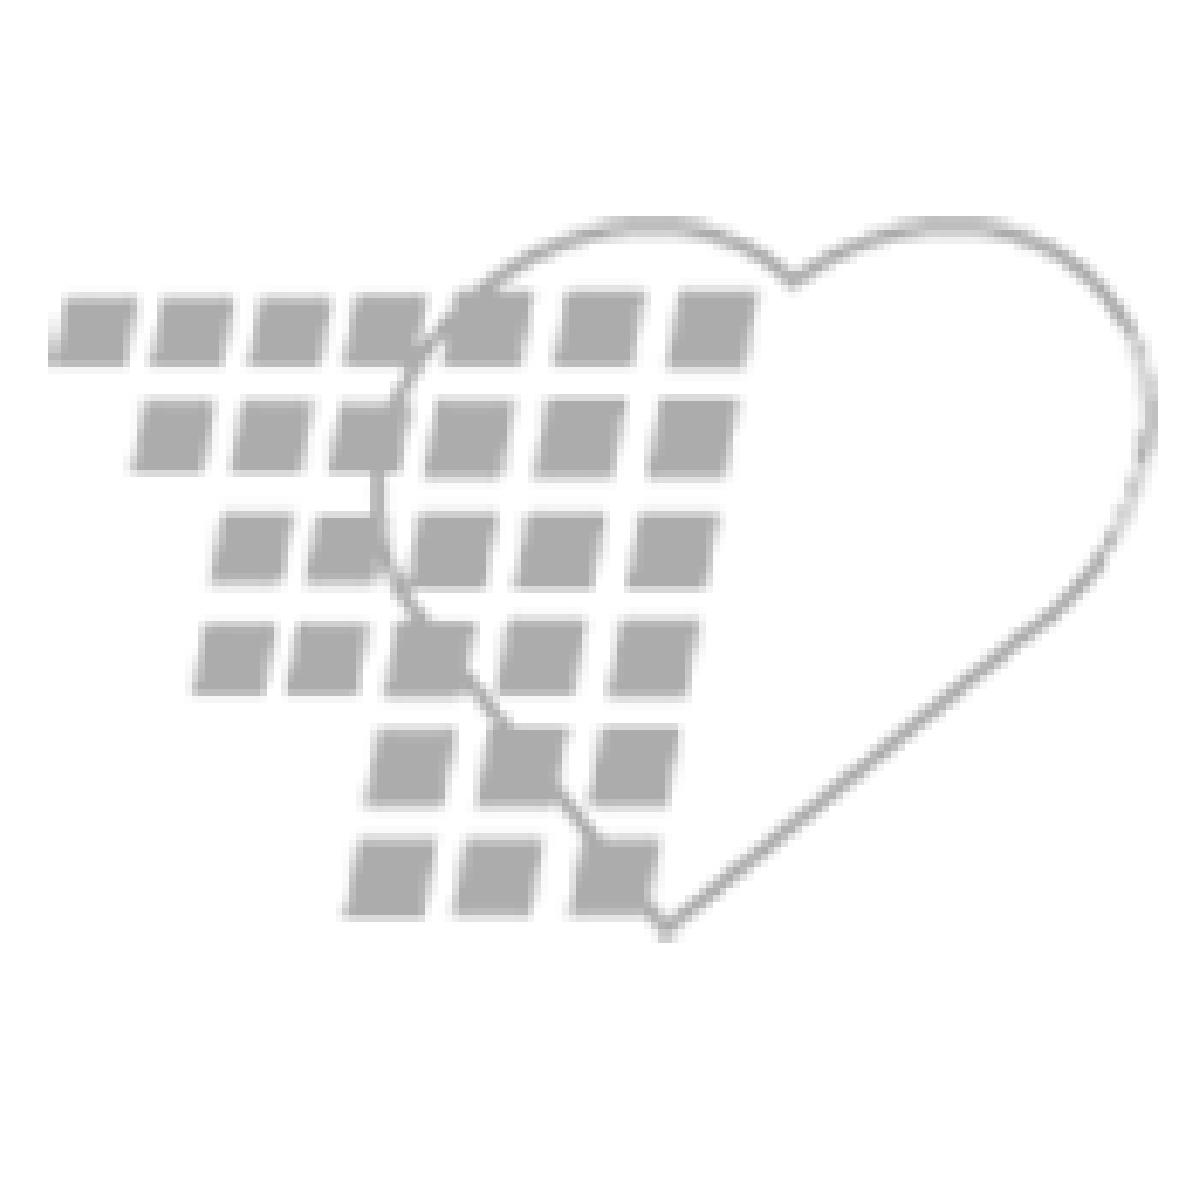 10-81-1152 Nasco Life/form® Male & Female Catheter Model Set